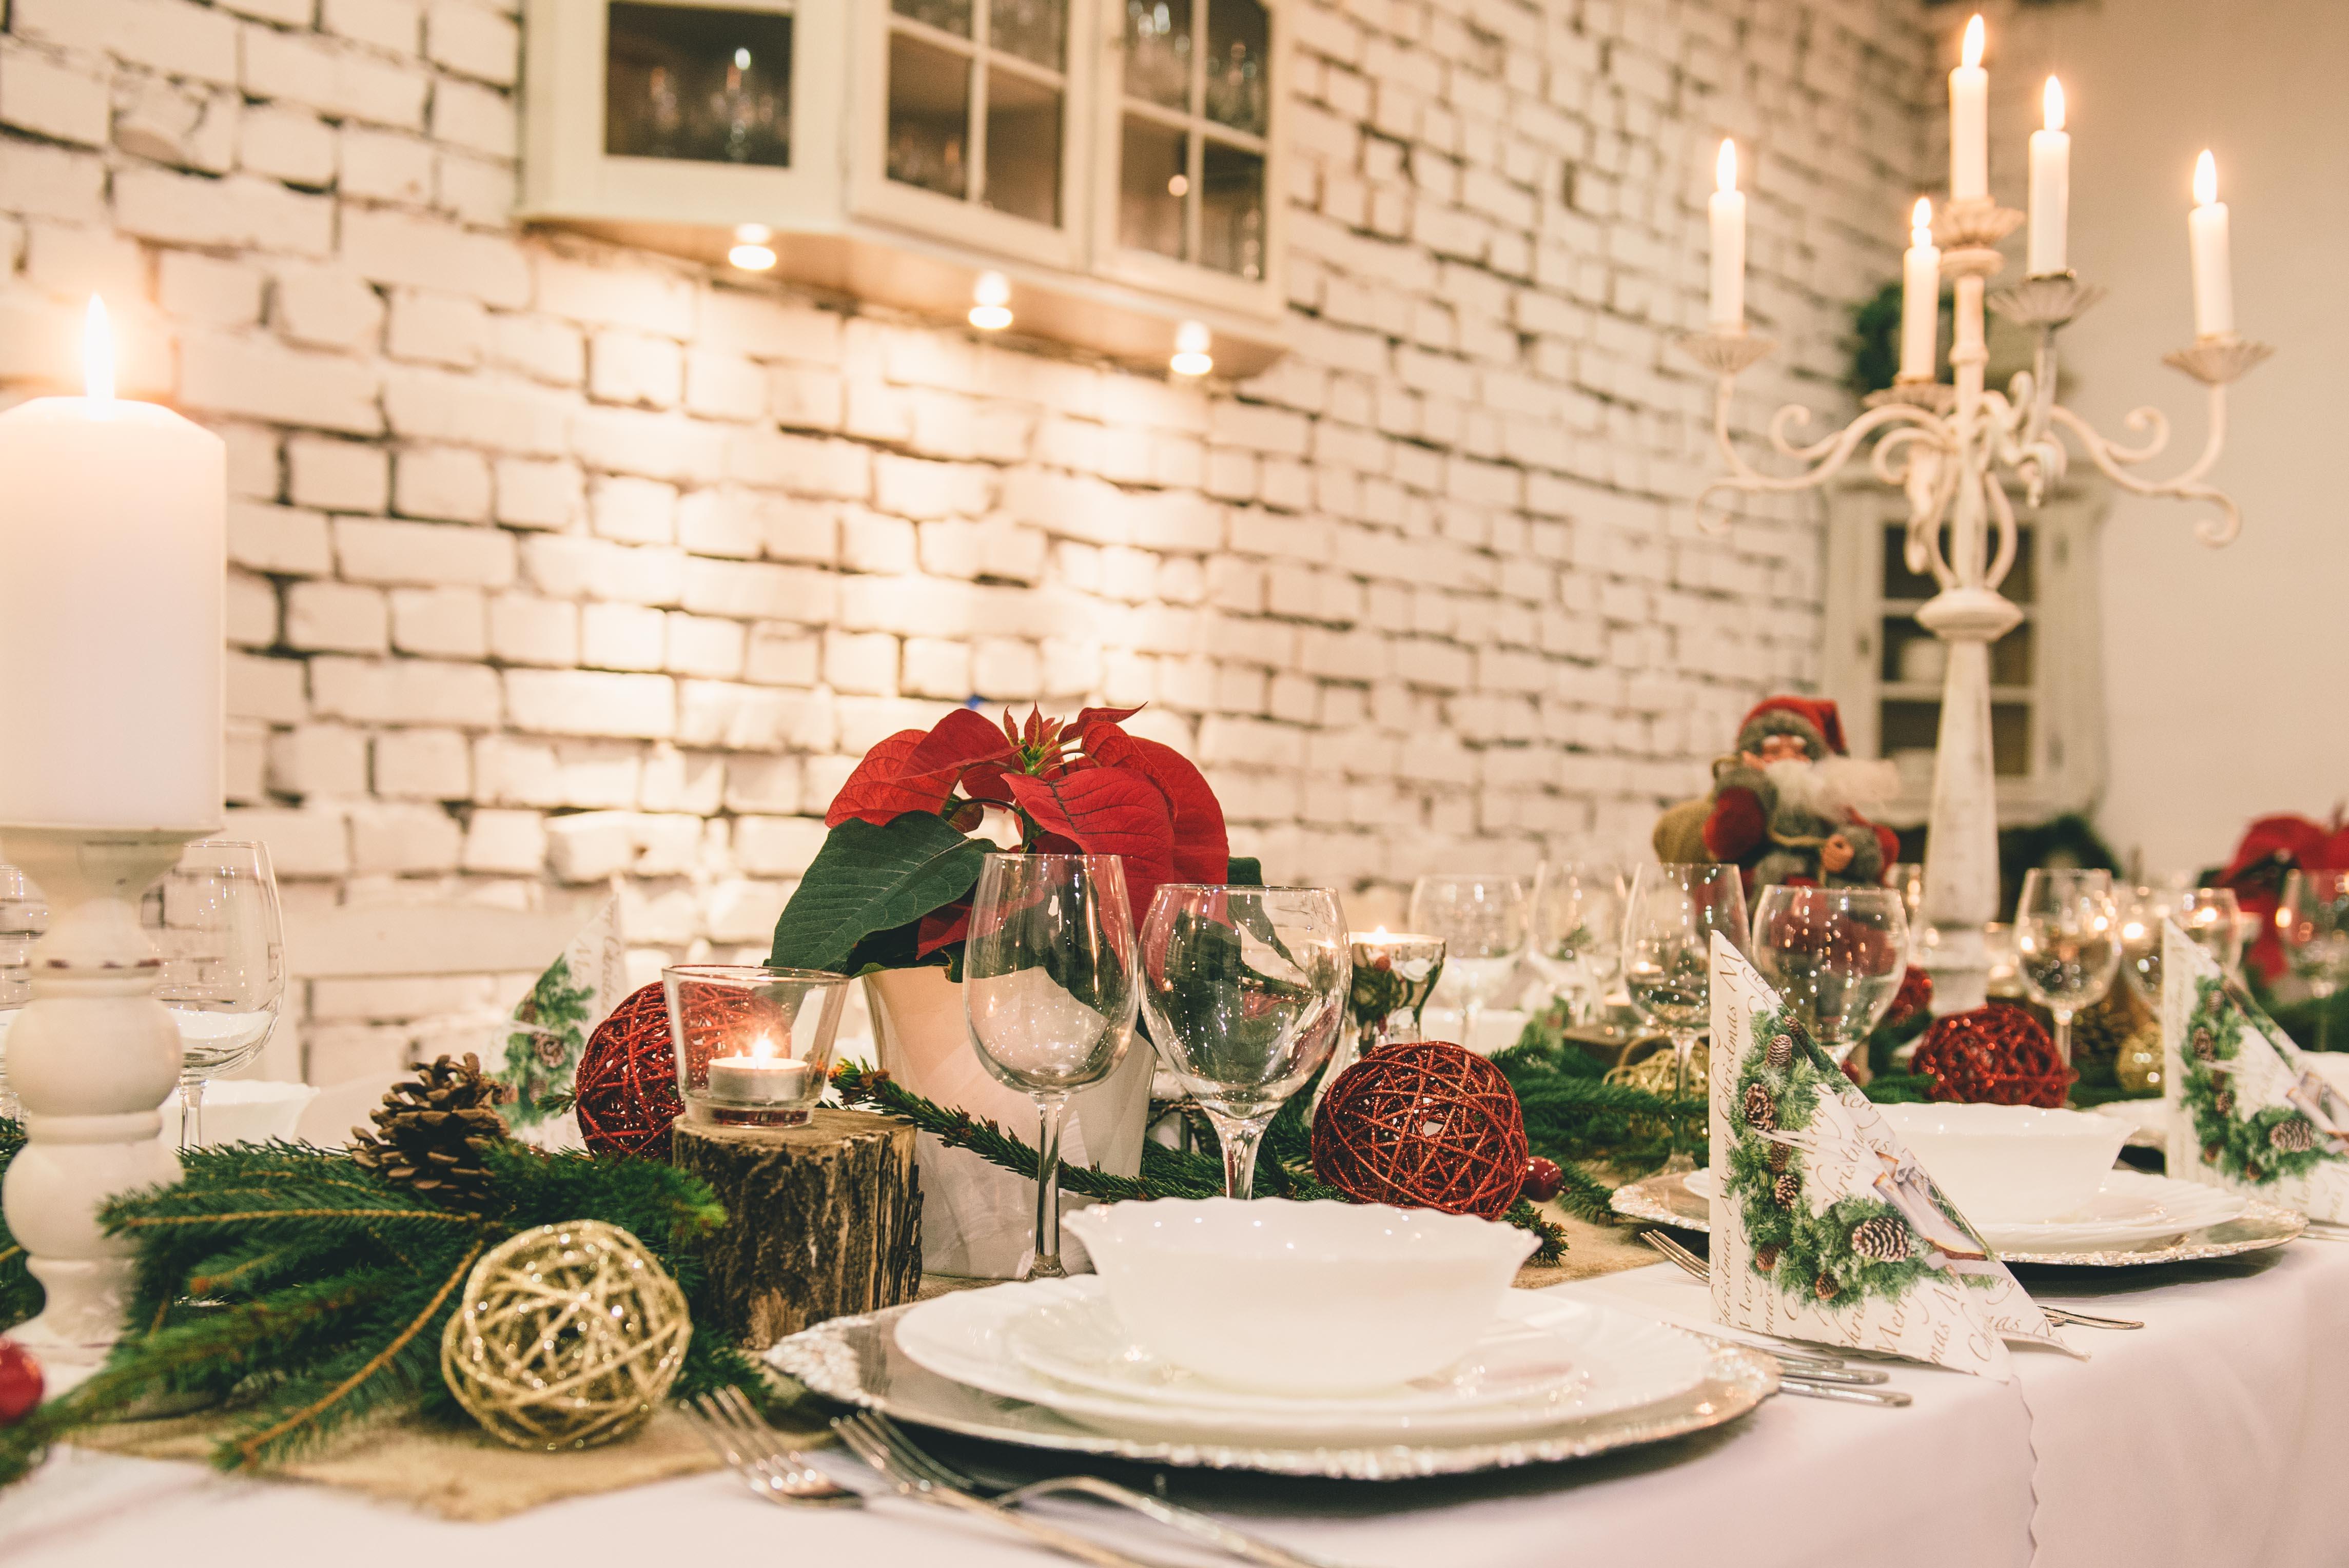 Restauracja Lawenda - Imprezy okolicznościowe, Wigilie firmowe, Catering Świąteczny Gdańsk